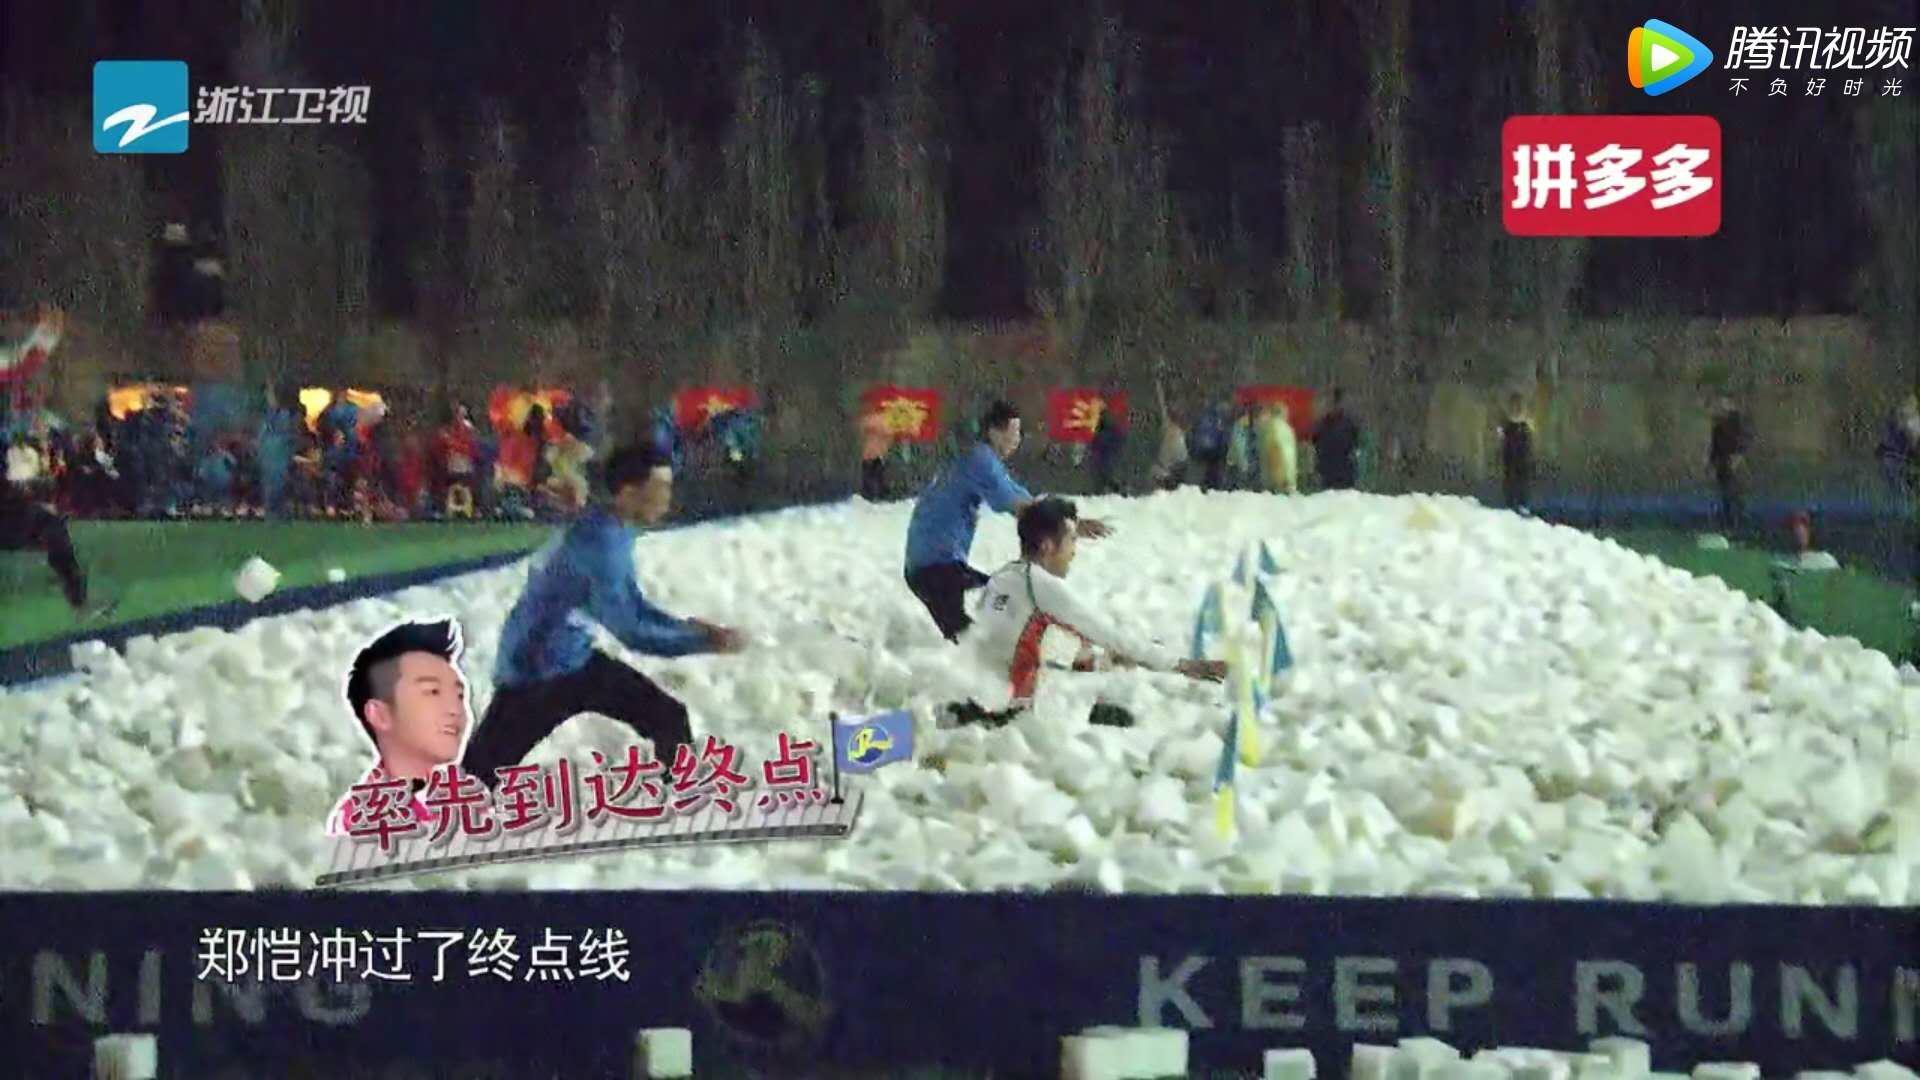 """《奔跑吧4》郑恺坚持完成""""循演"""",拼搏精神打动网友!"""